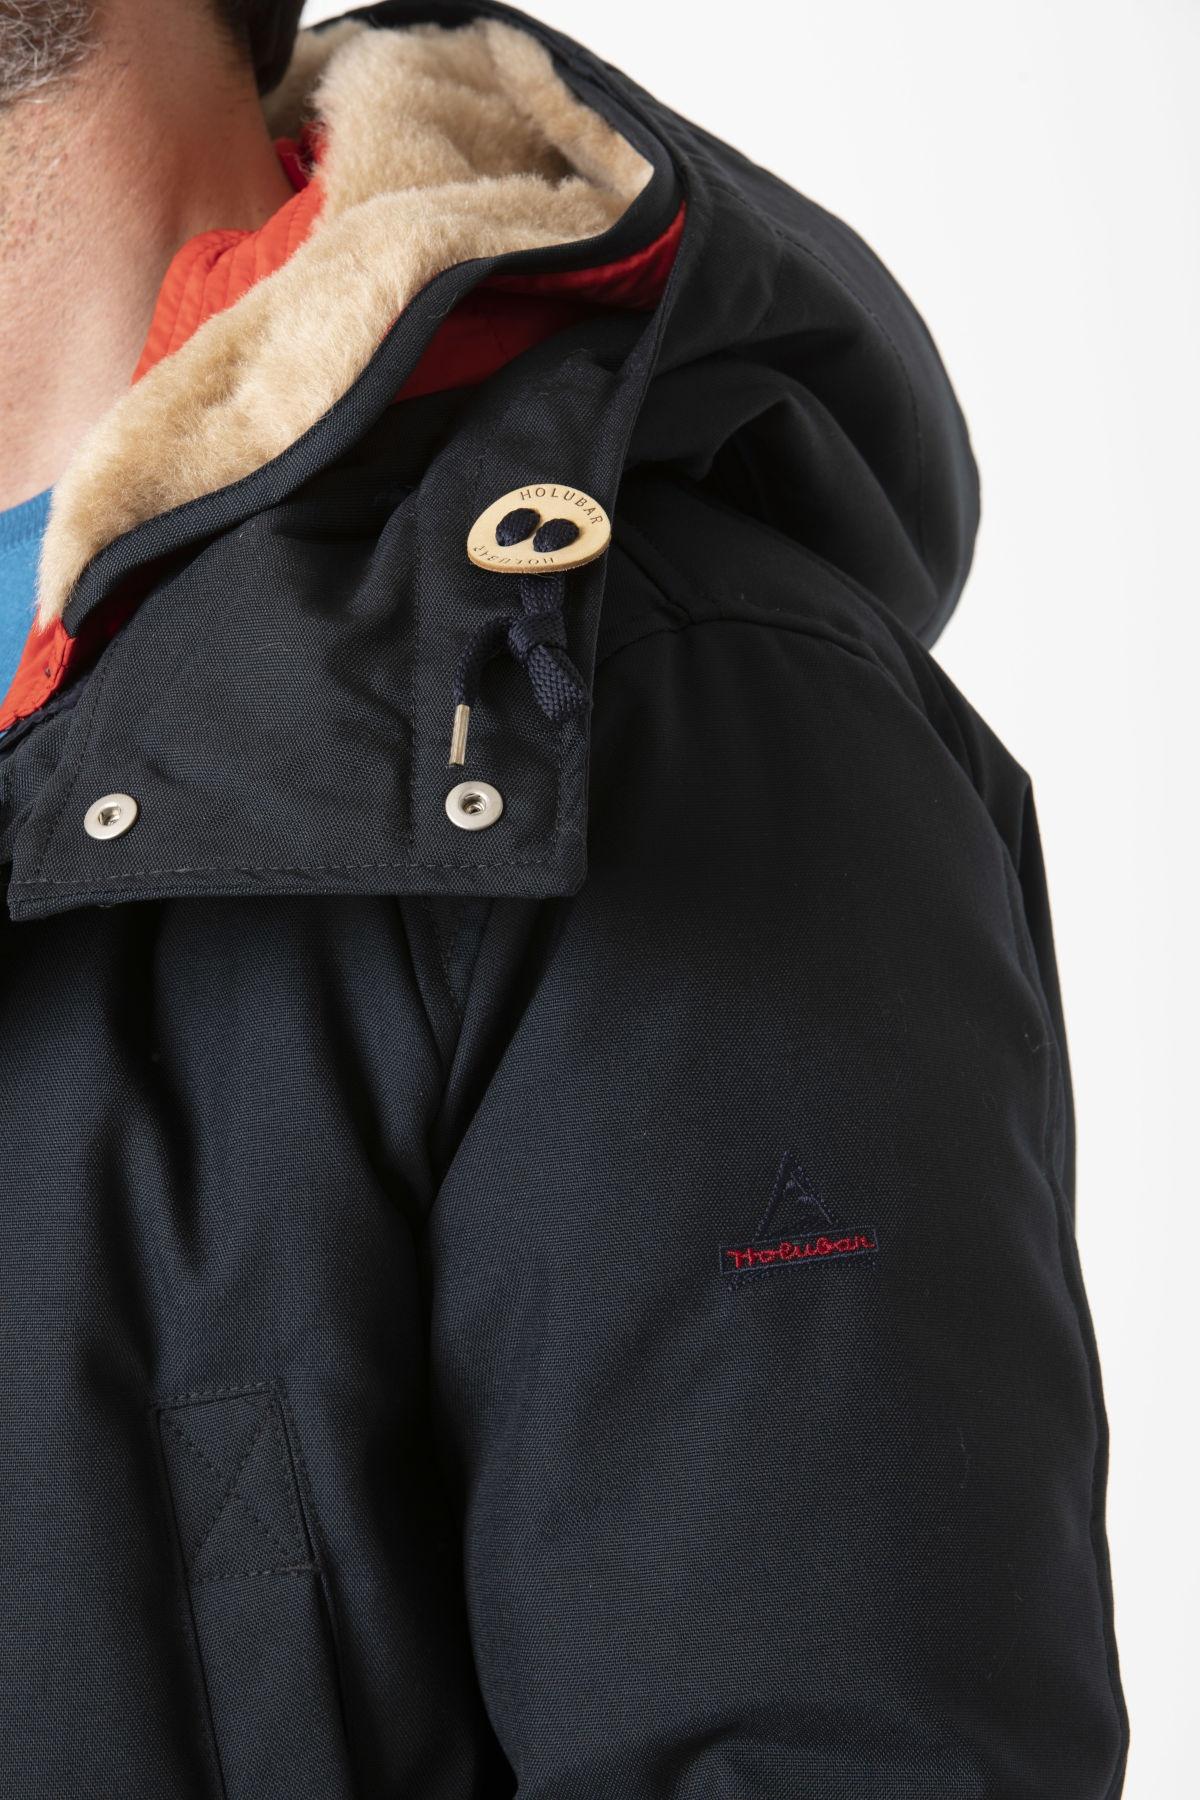 BOULDER Jacket for man HOLUBAR F/W 19-20